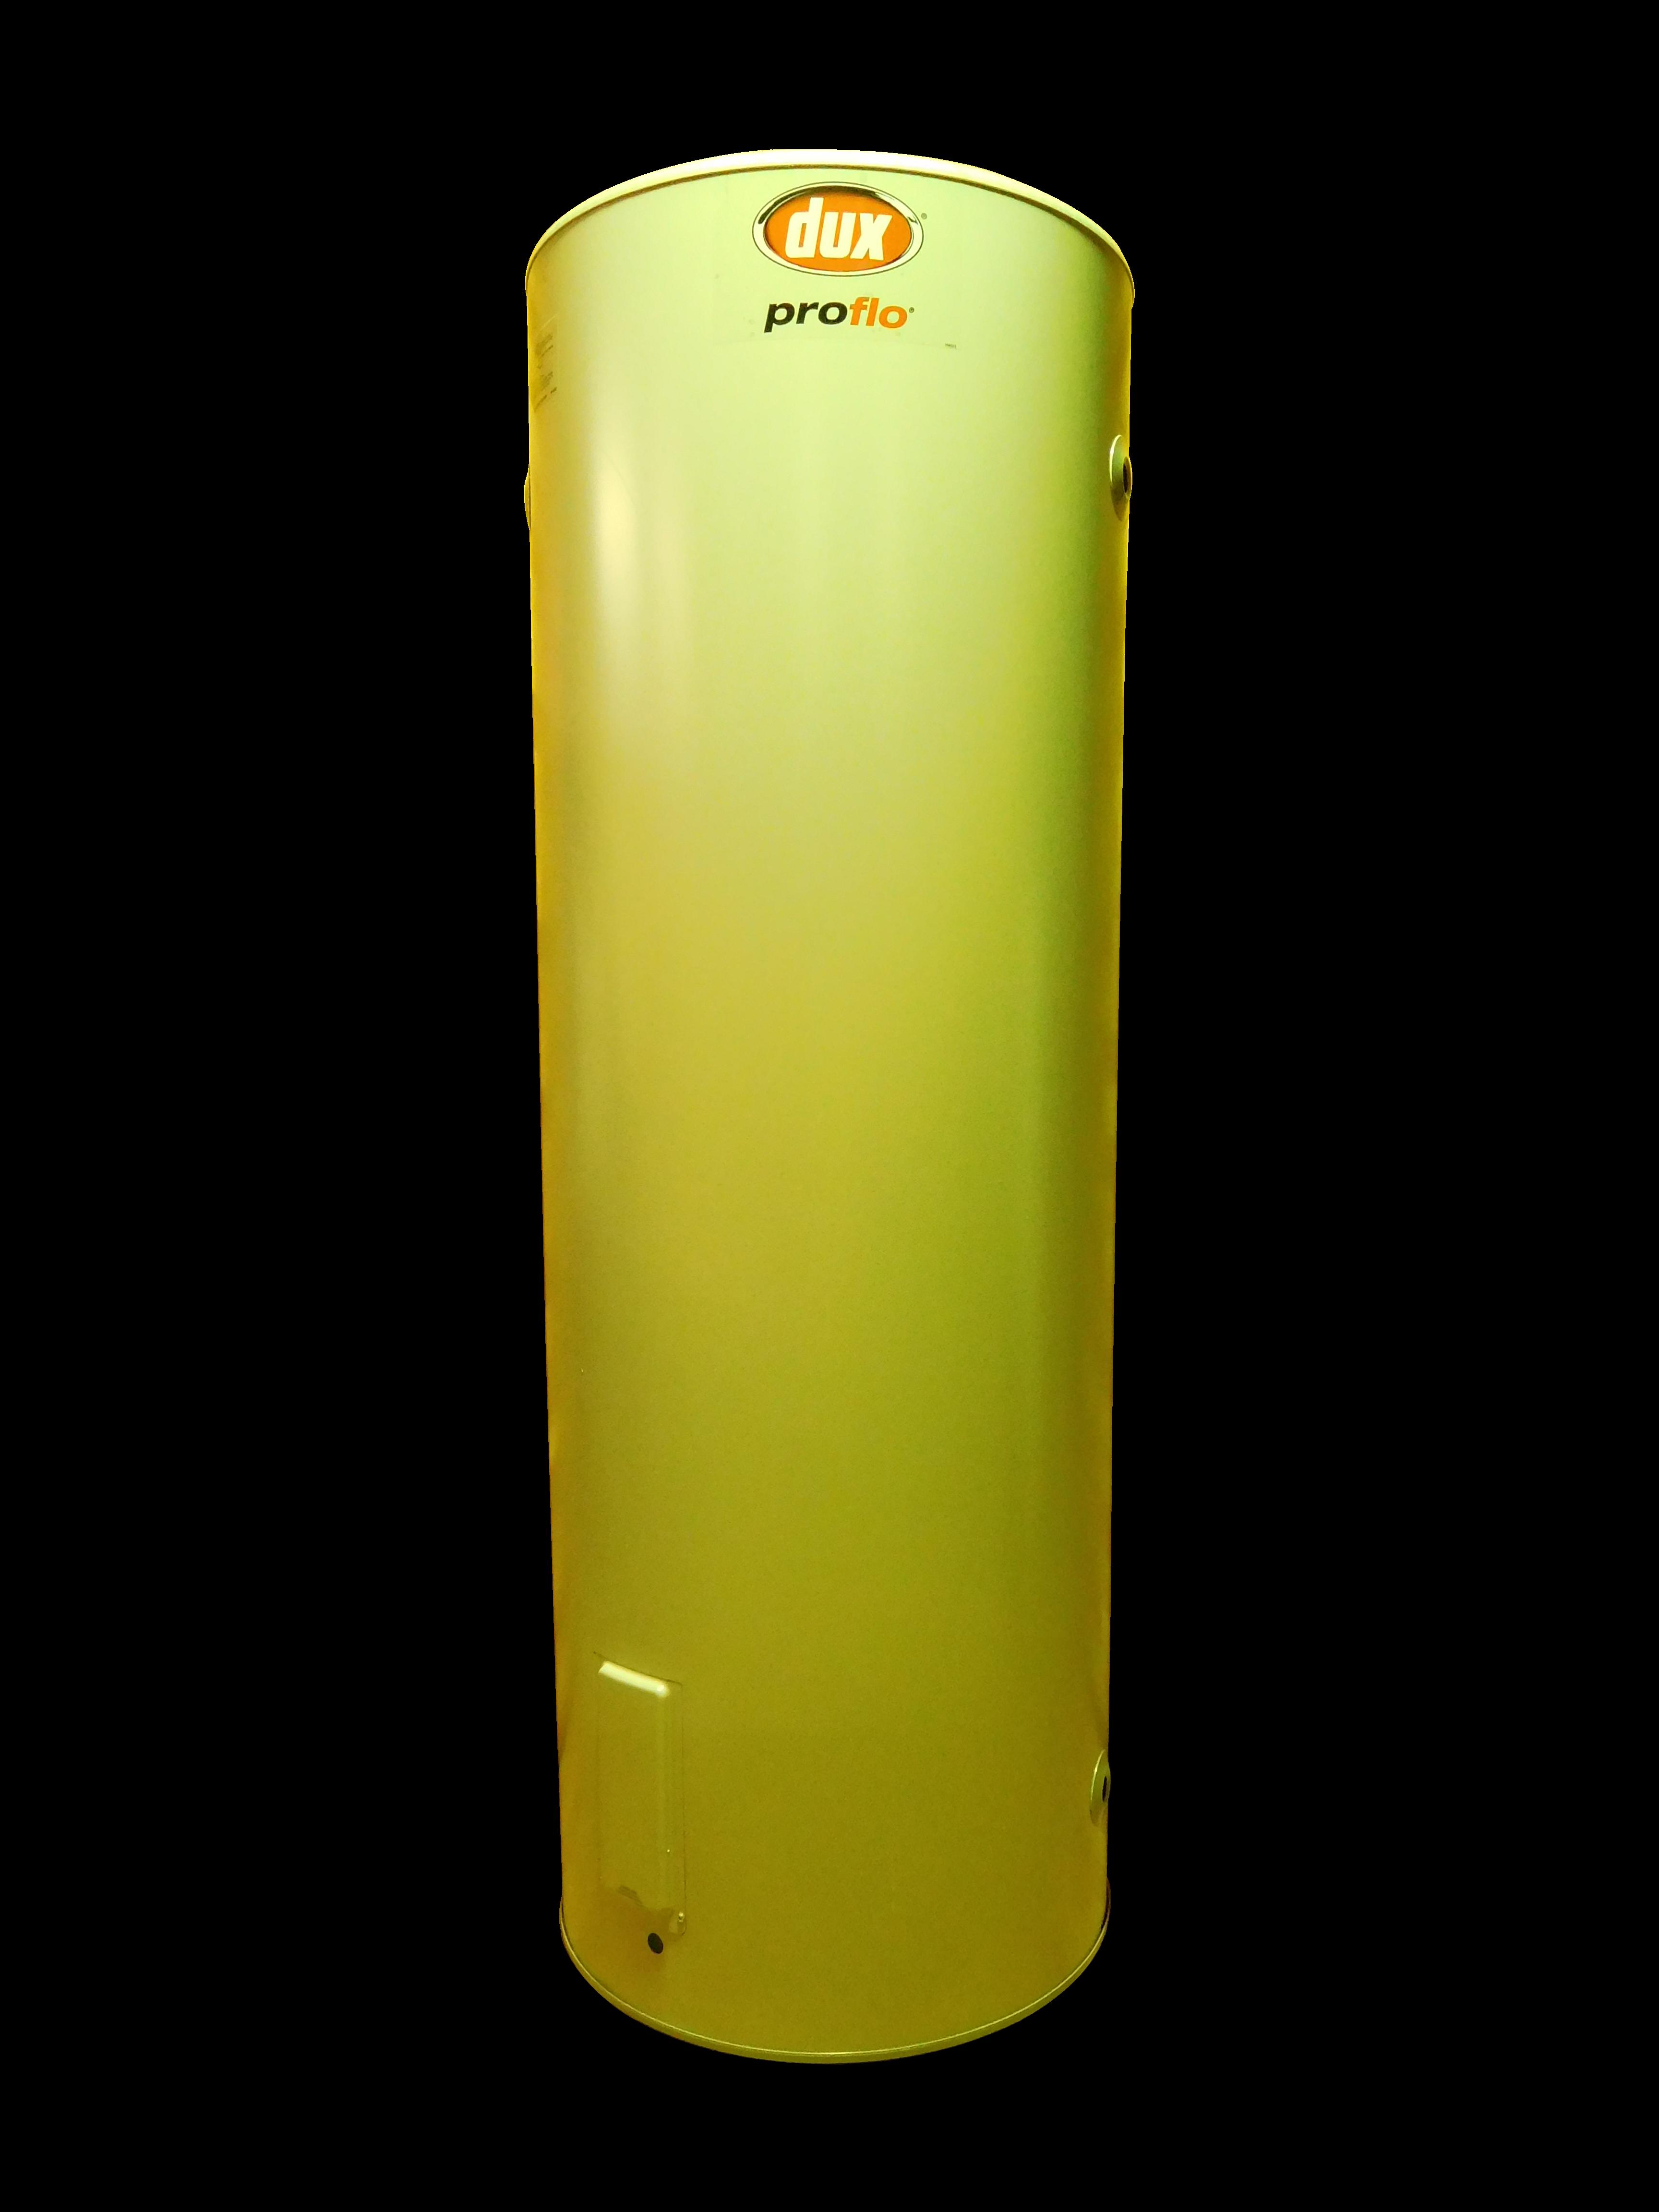 dux hot water proflo manual